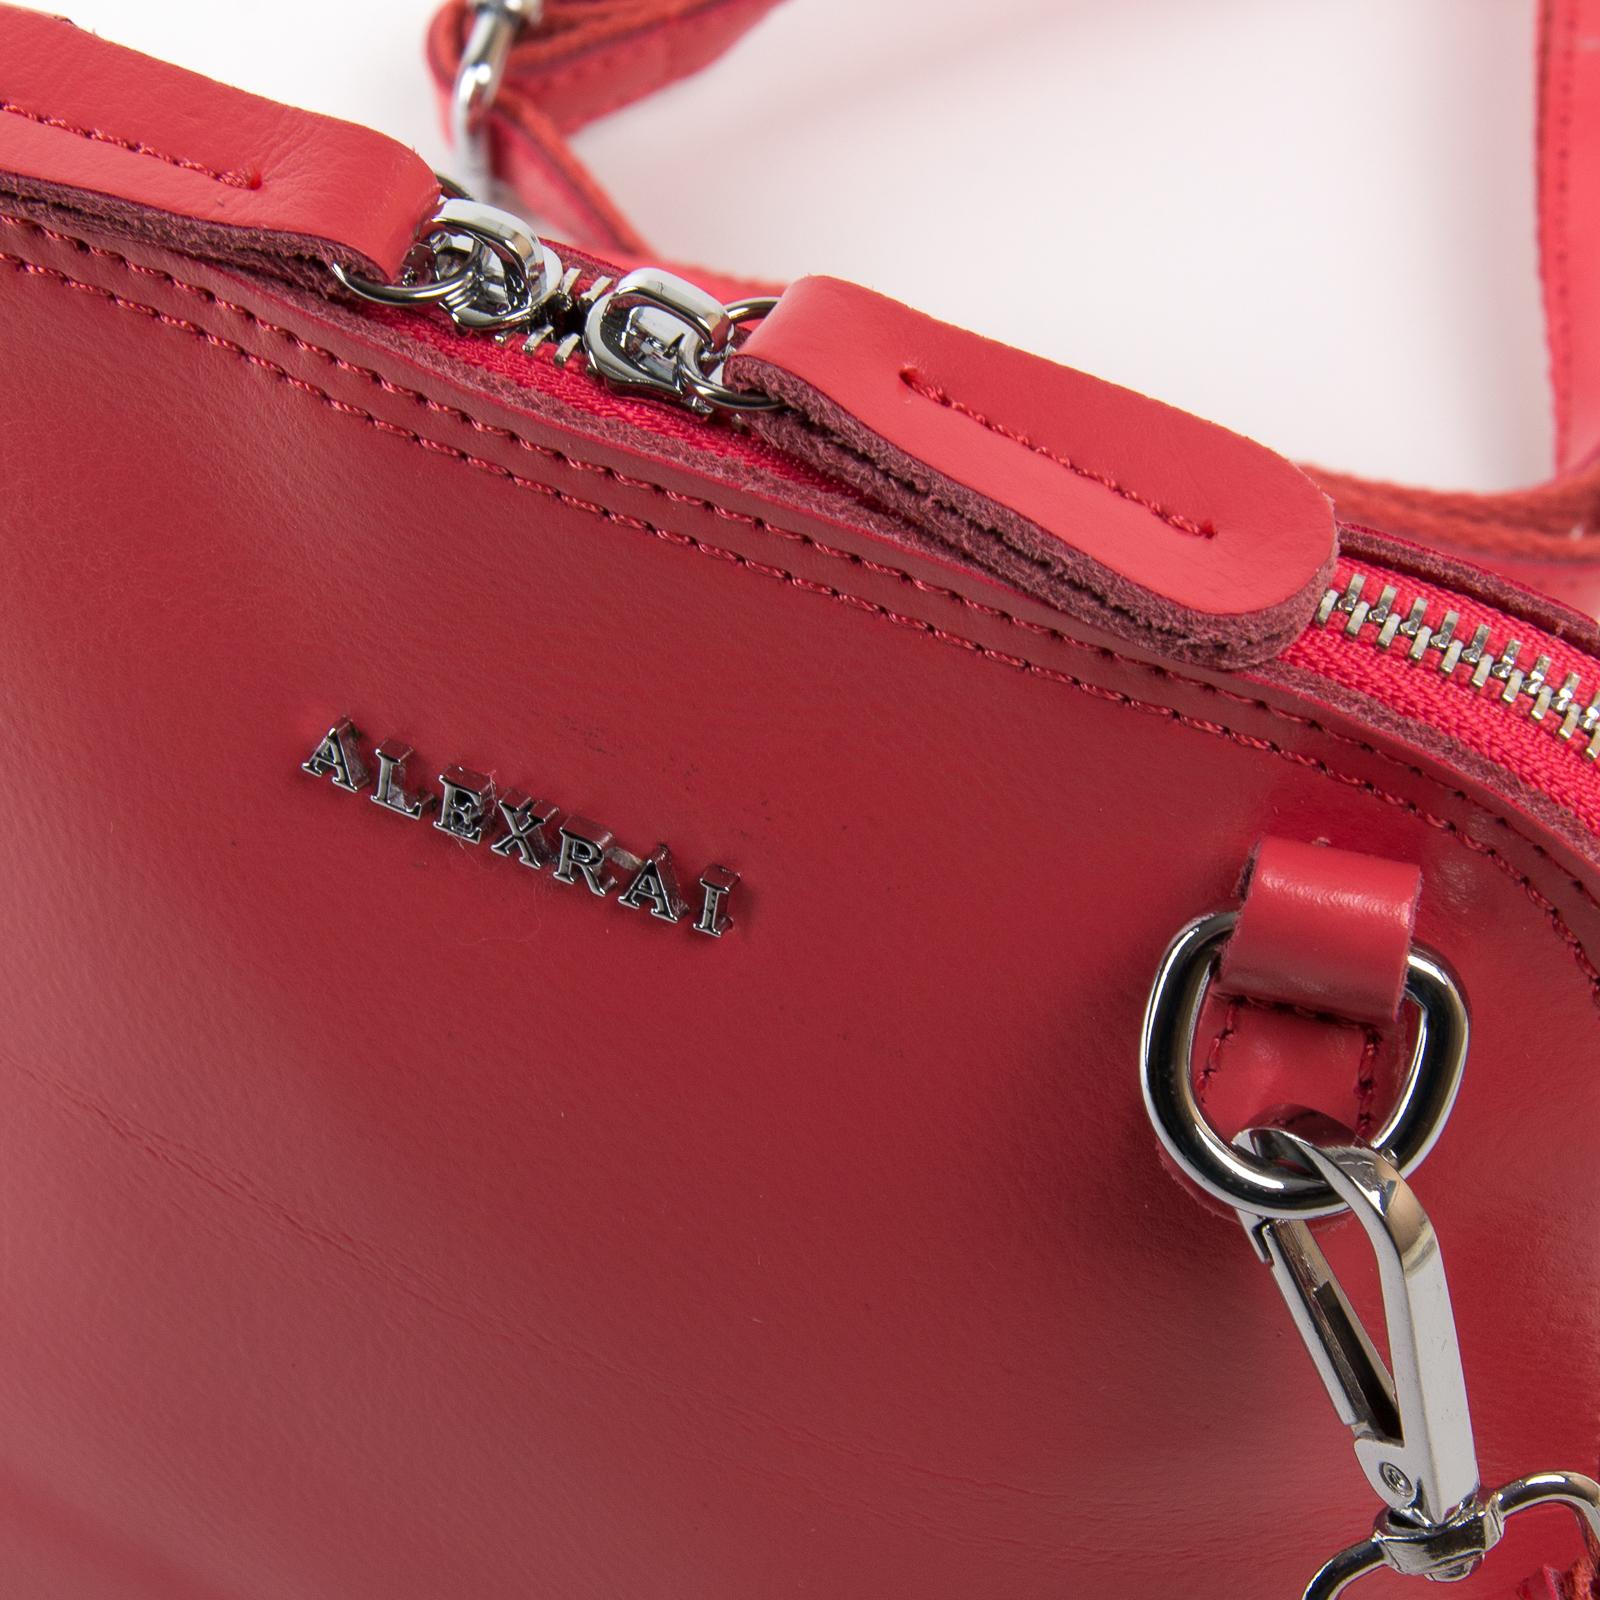 Сумка Женская Классическая кожа ALEX RAI 03-01 8803 scarlet - фото 3